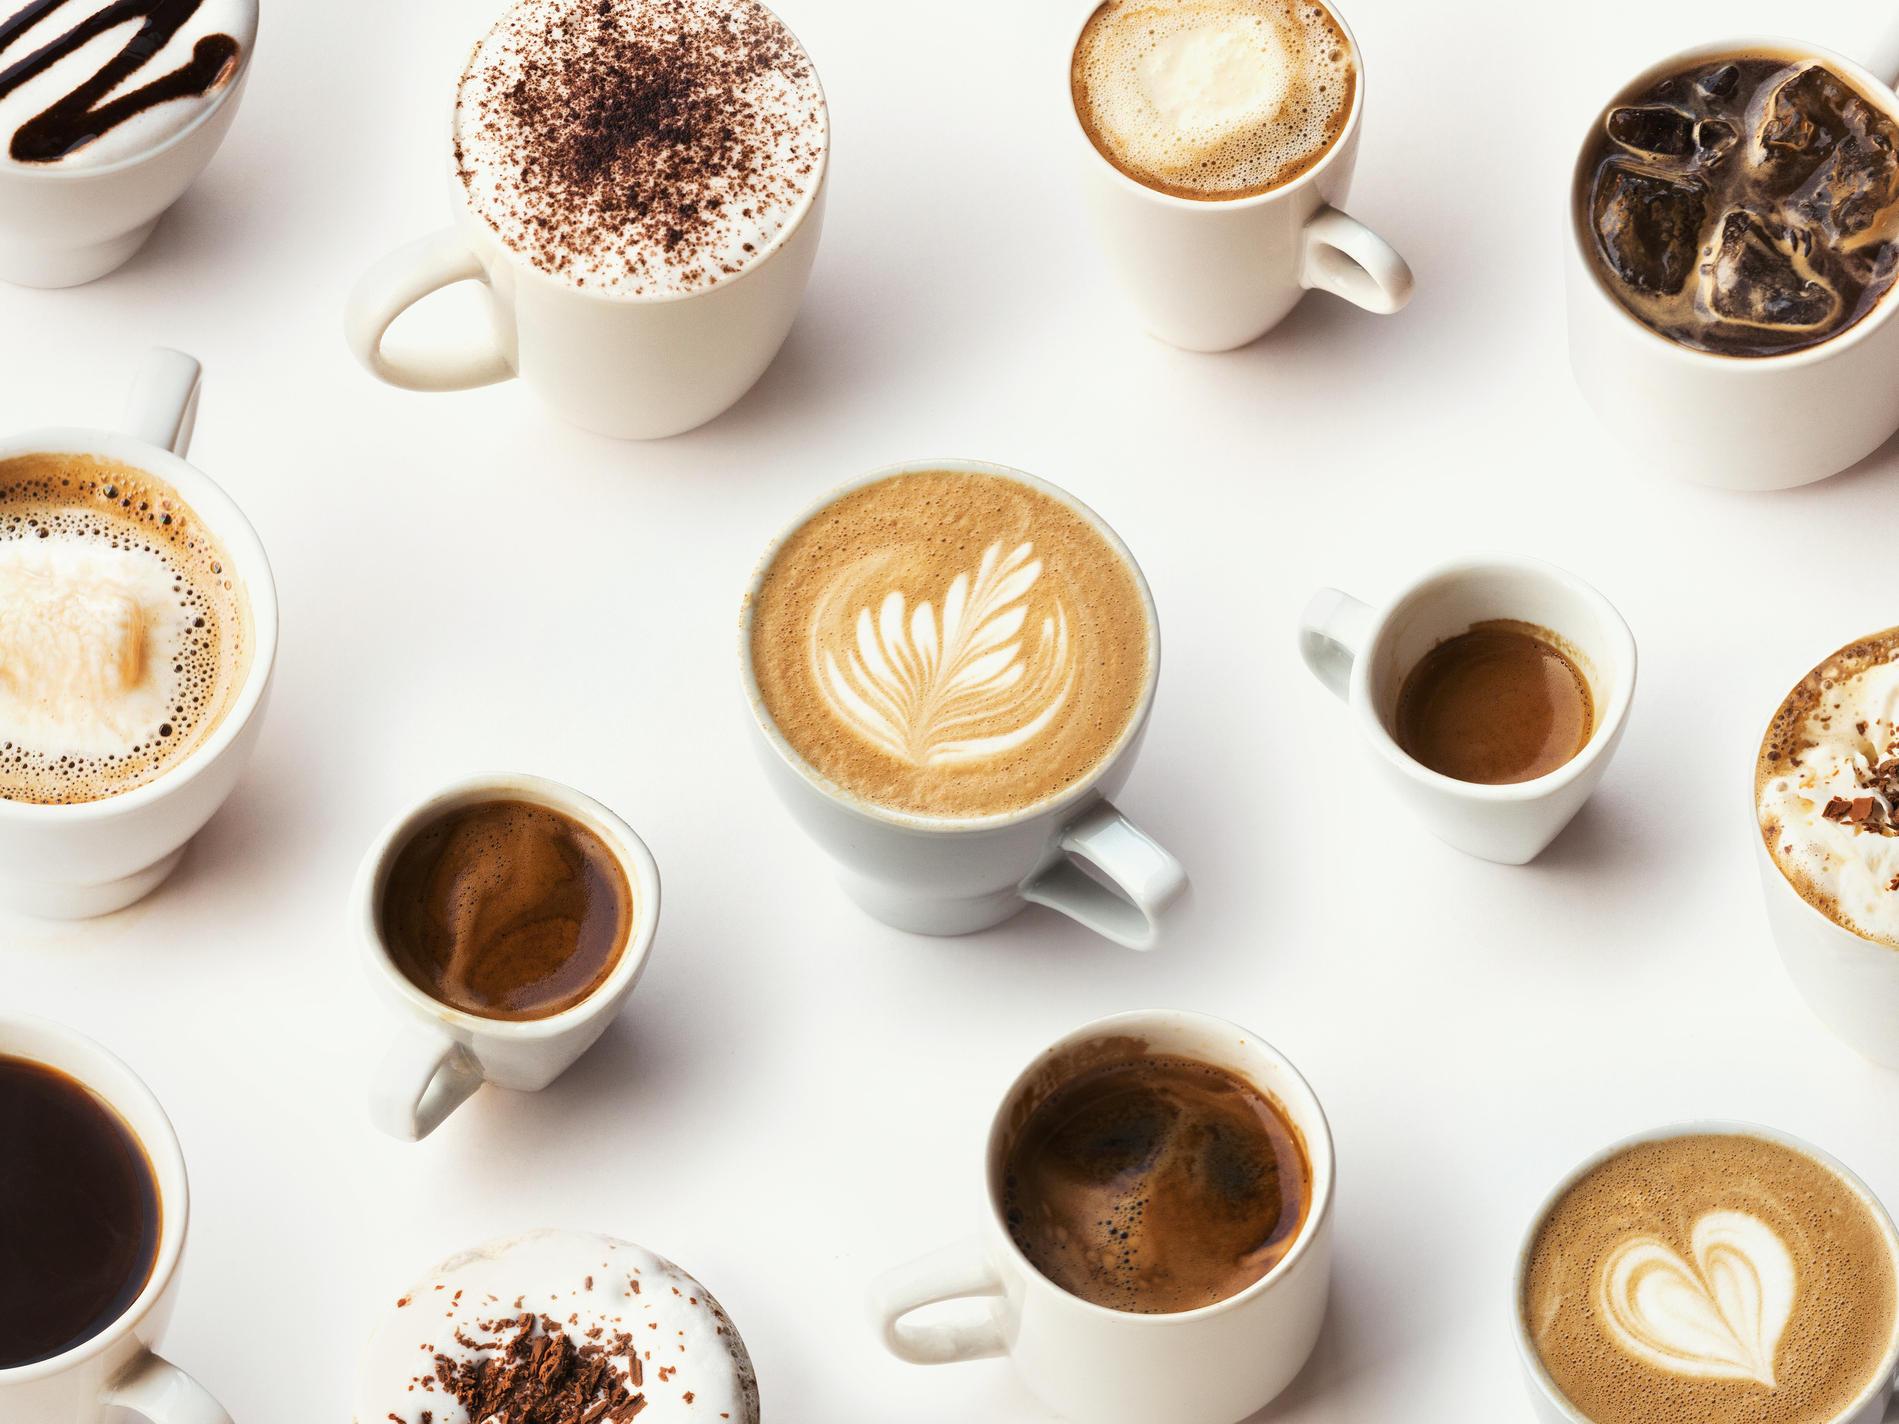 Buzz, Buzz: Bitter Tasters Like Coffee Better